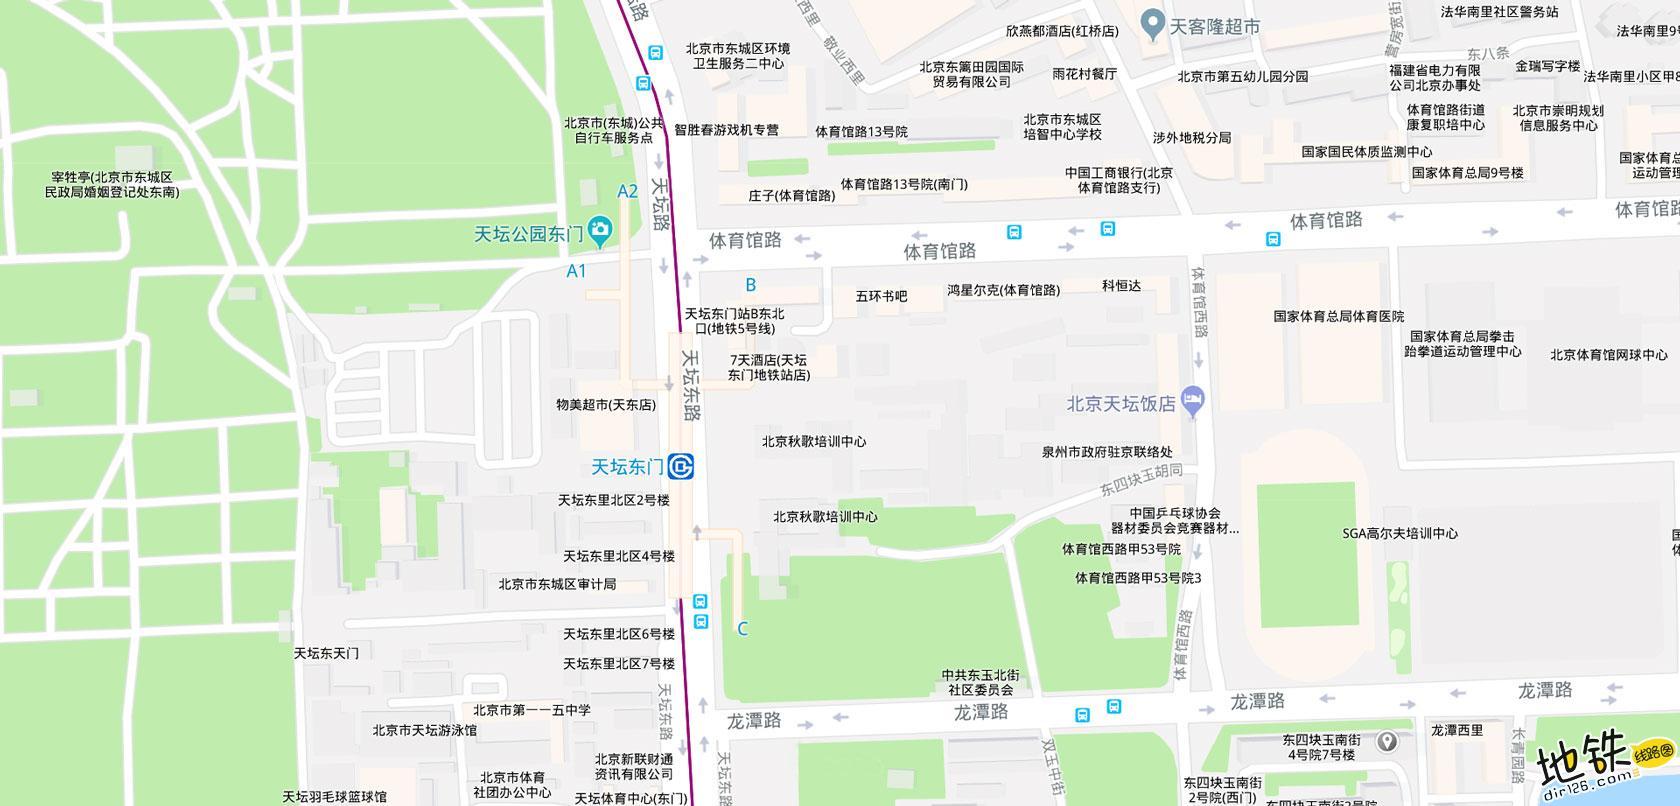 天坛东门地铁站 北京地铁天坛东门站出入口 地图信息查询  北京地铁站  第2张